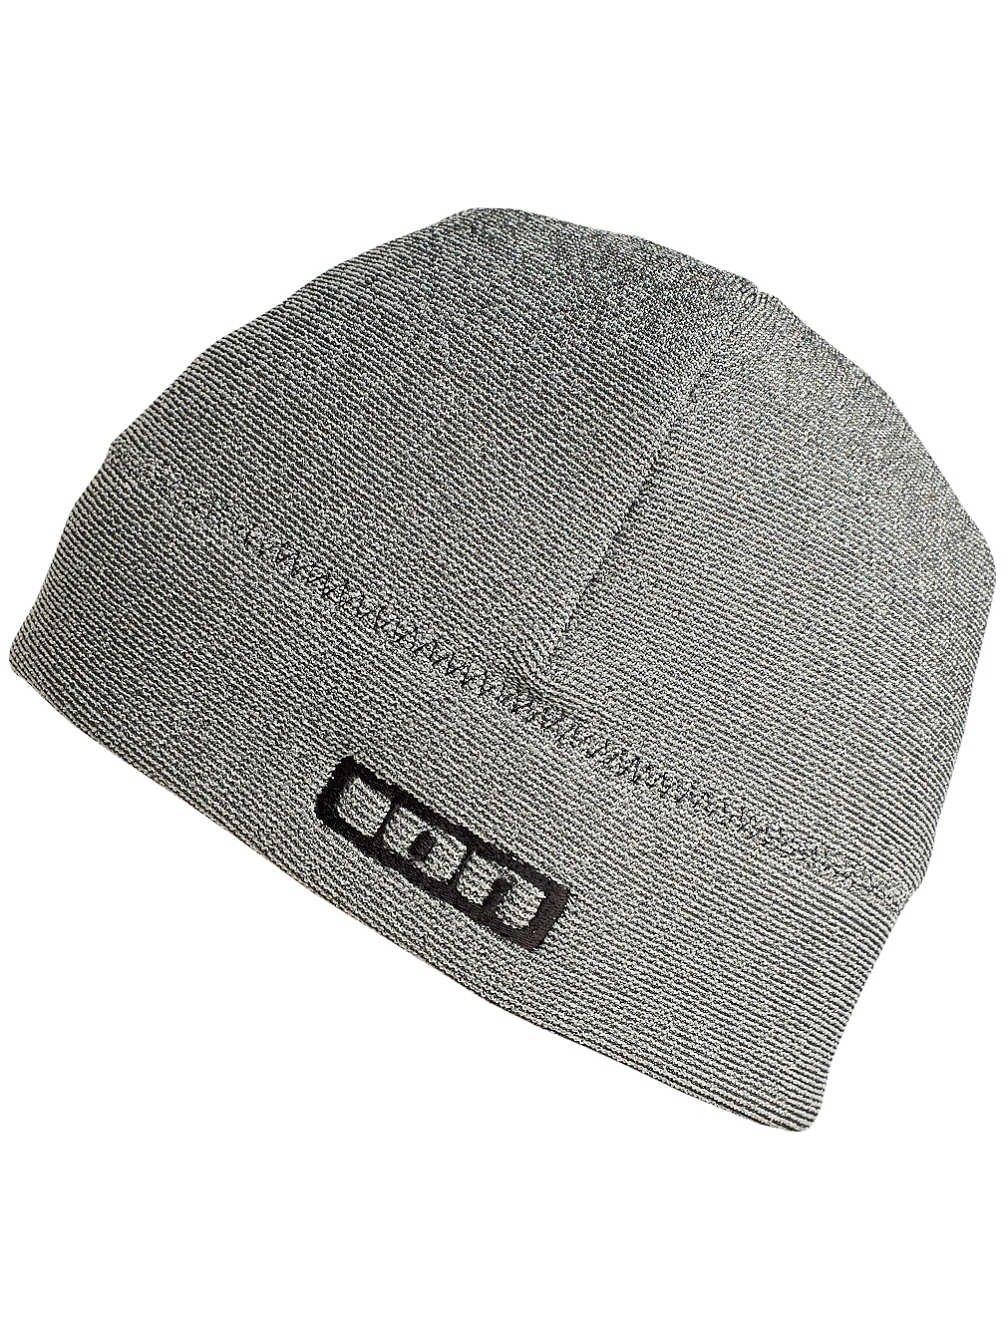 Bonnet Neoprene ION Neo Wooly Beanie - Grey